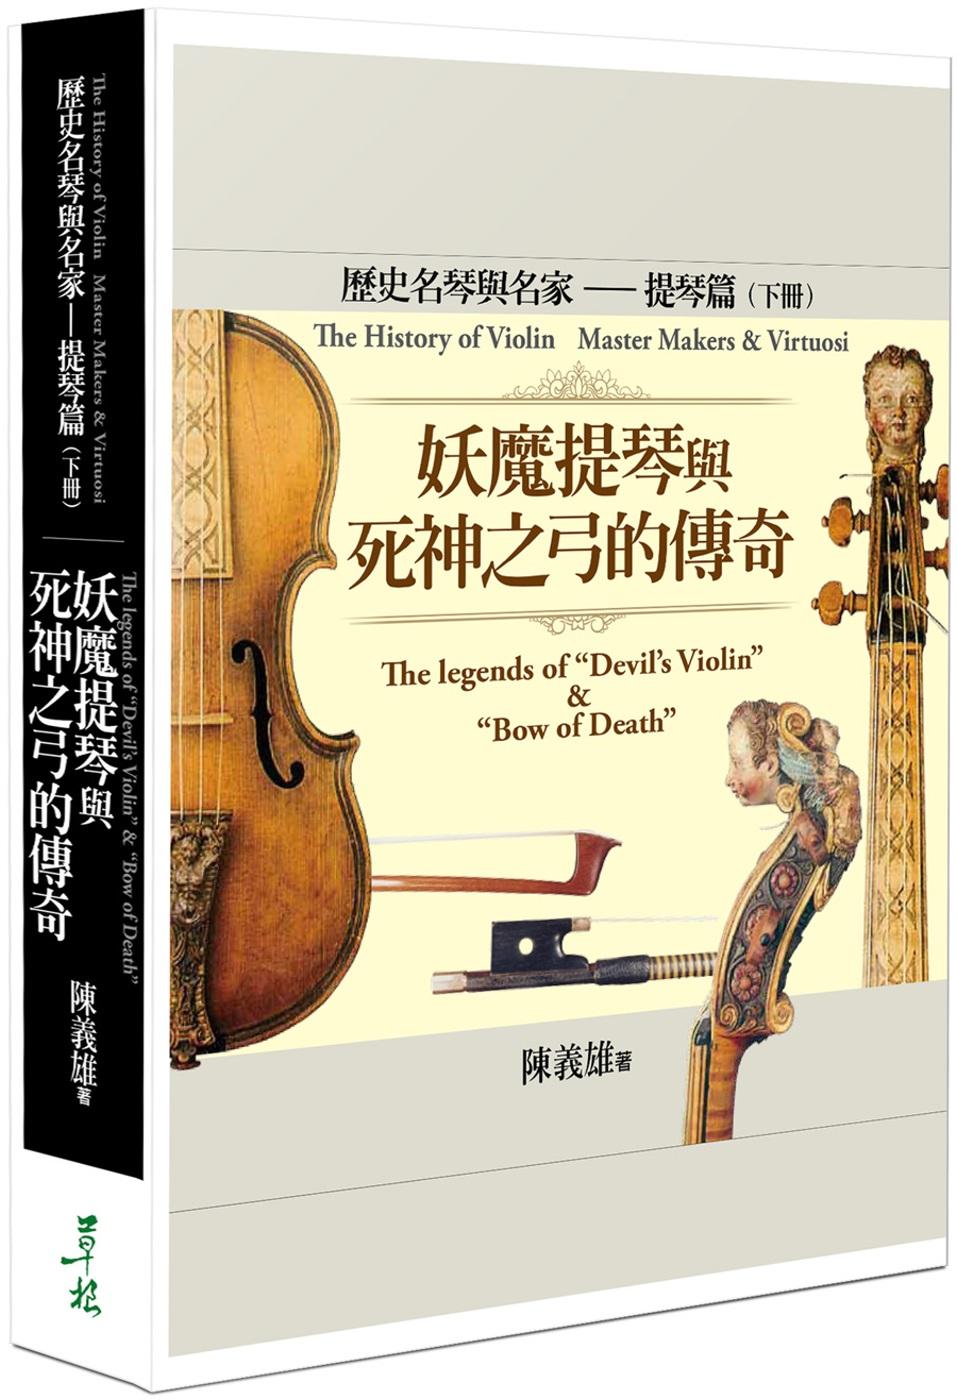 世界歷史名琴與名家─提琴篇(下冊):妖魔提琴與死神之弓的傳奇